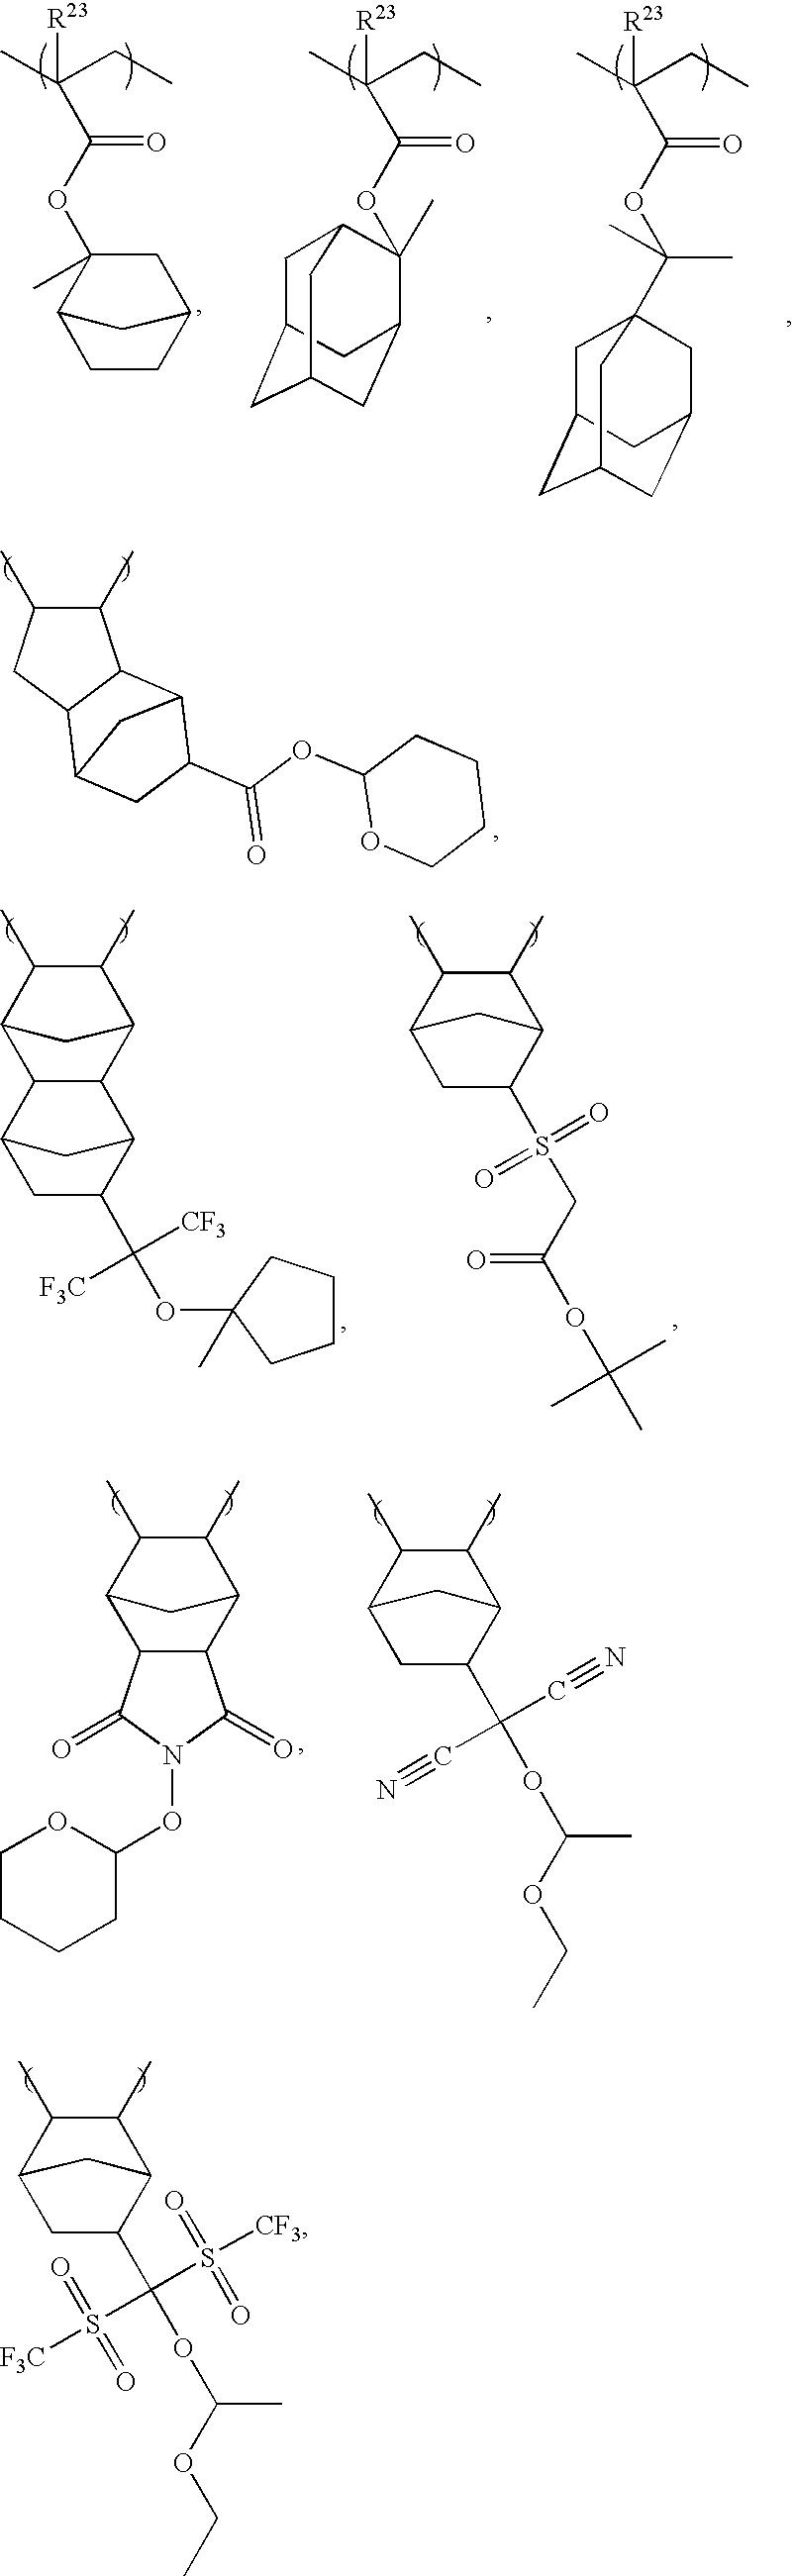 Figure US20080199814A1-20080821-C00008